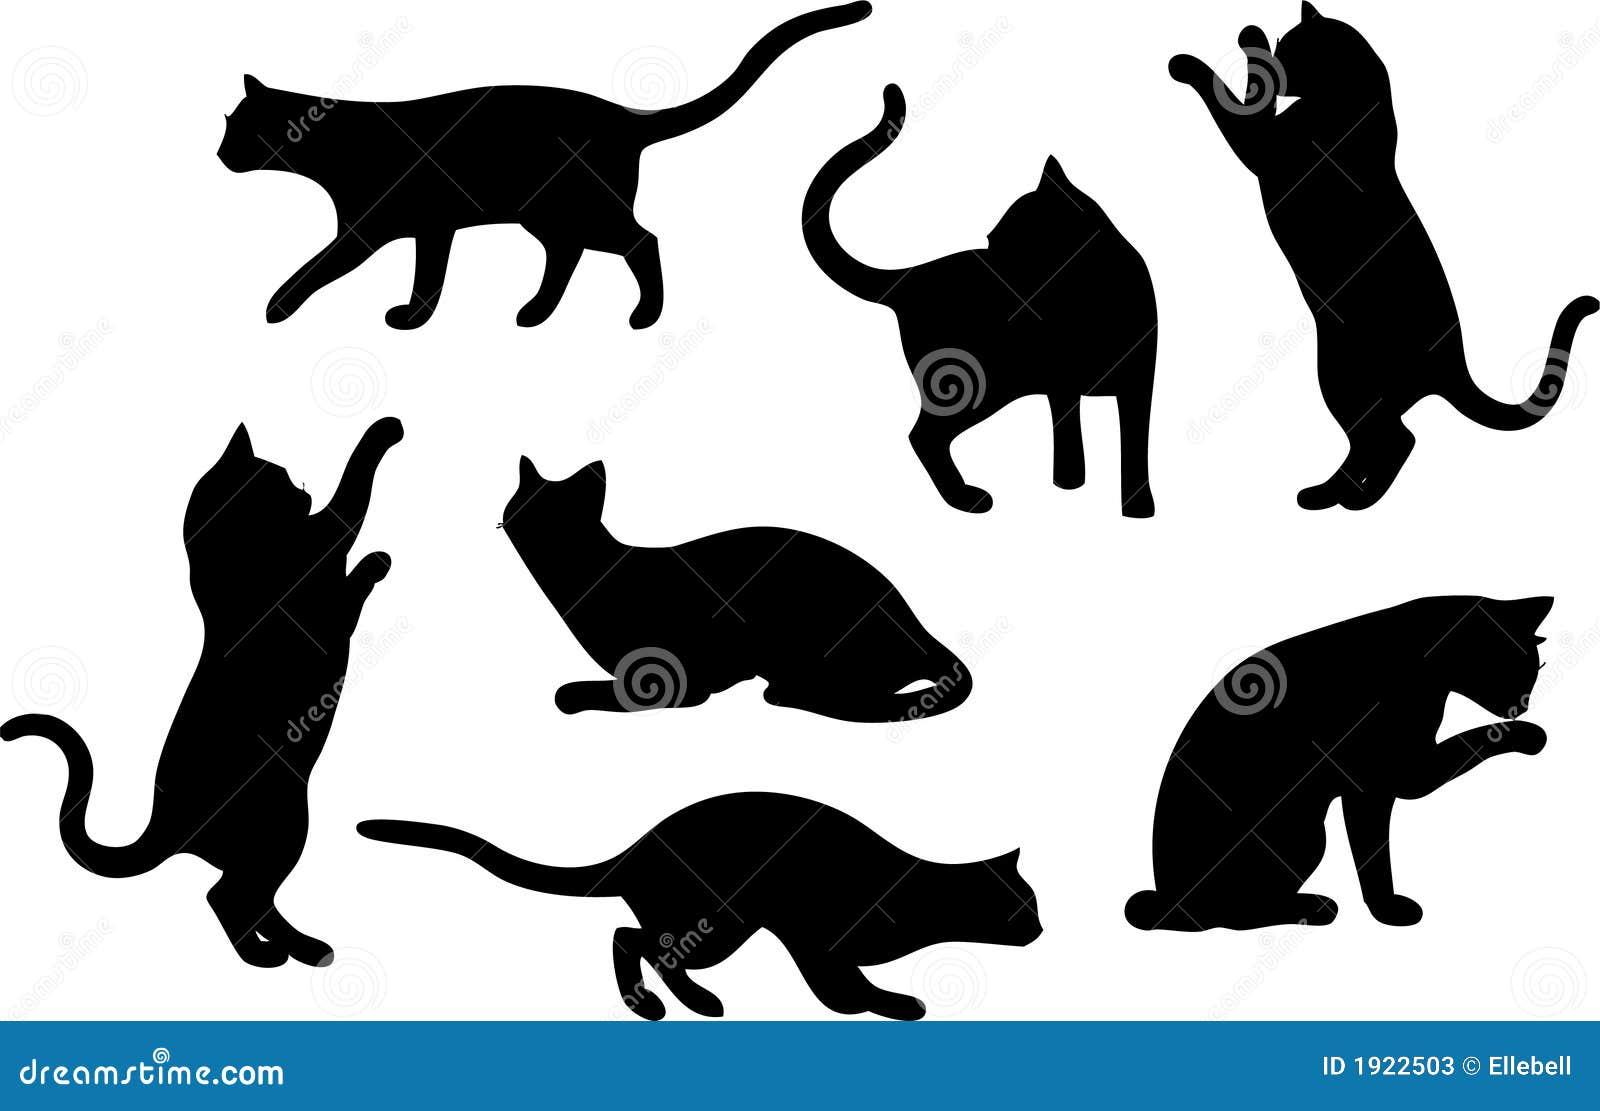 Conjunto de siluetas del gato